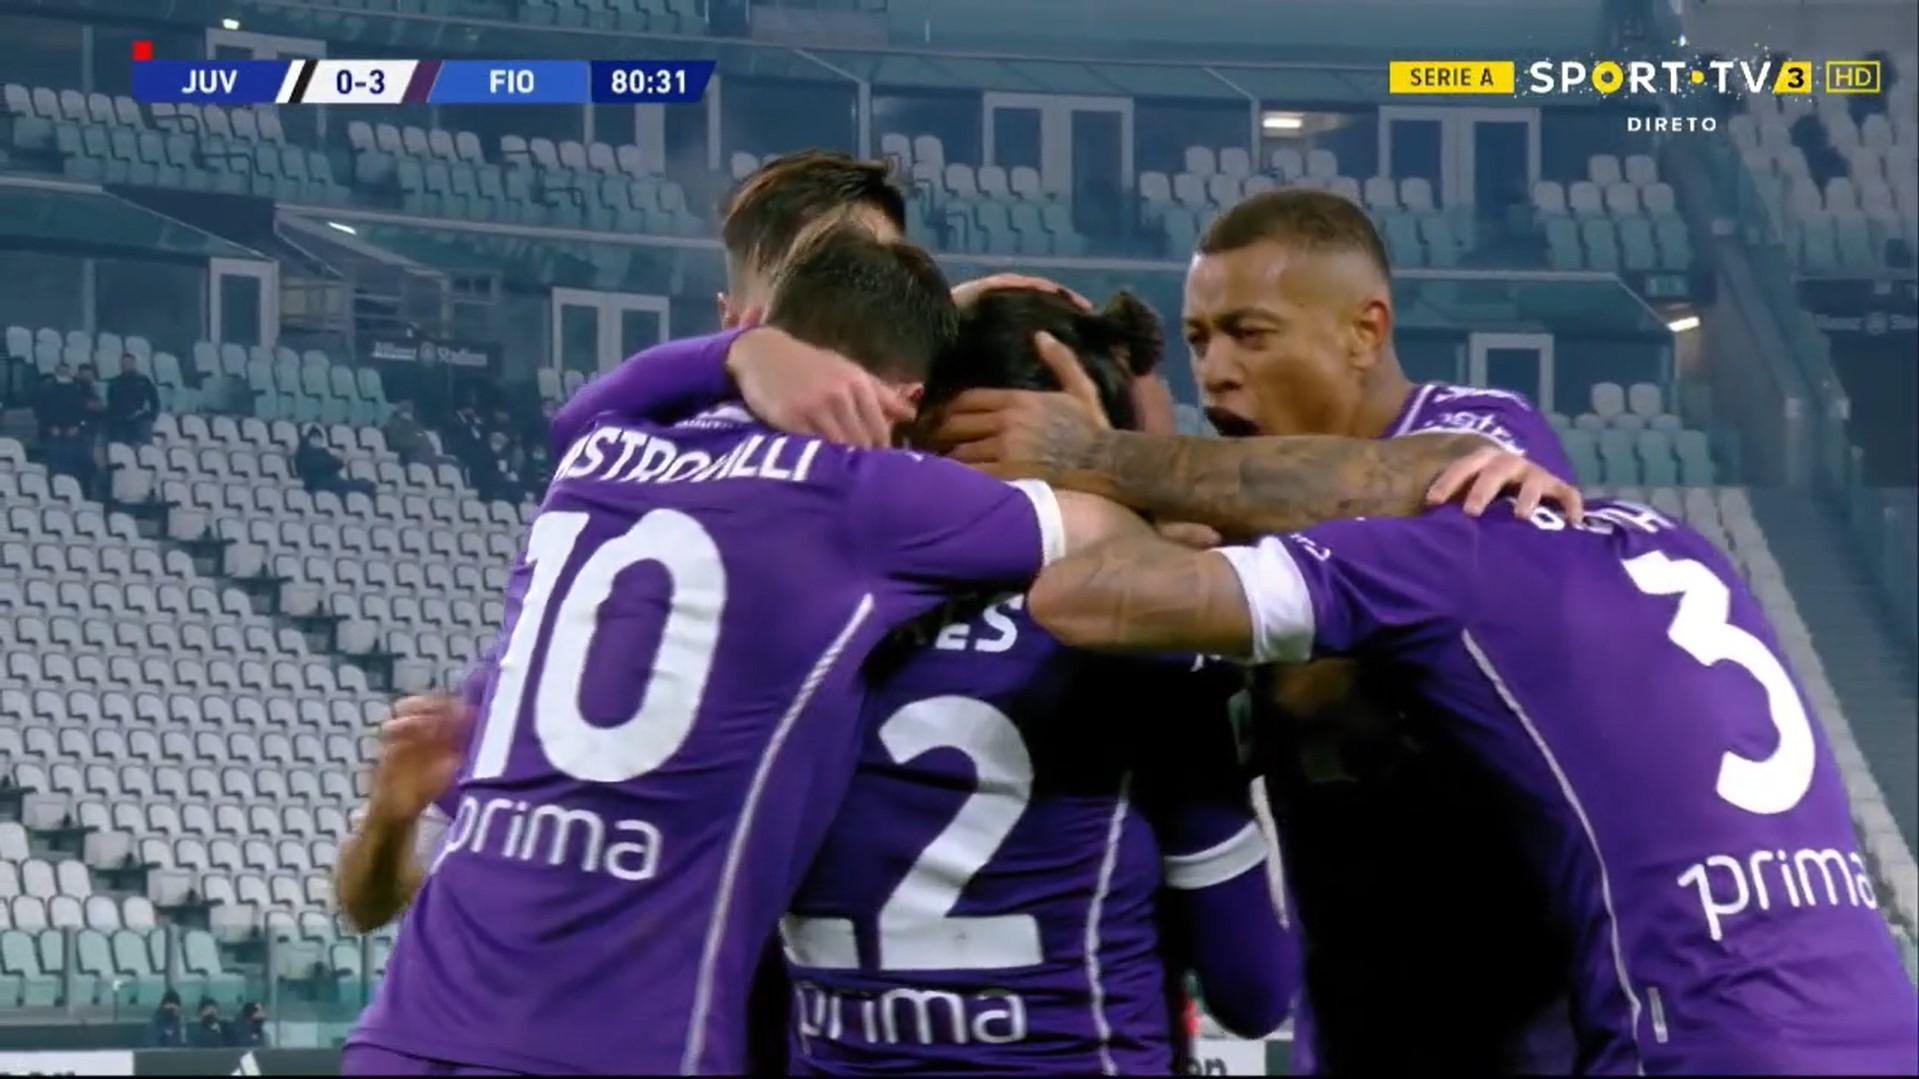 Serie A (14ª Jornada): Resumo Juventus 0-3 Fiorentina